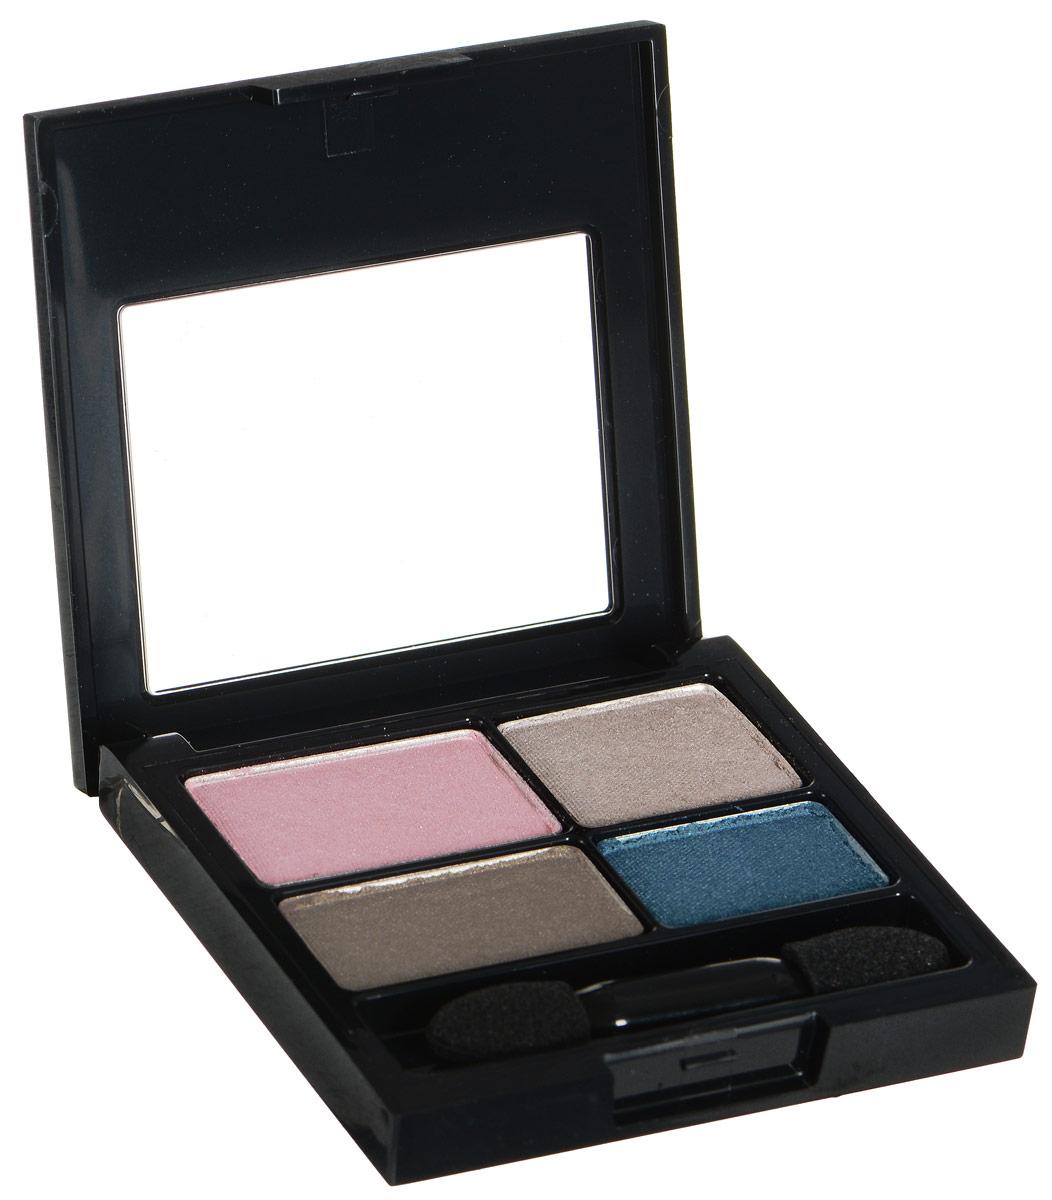 Revlon Тени для Век Четырехцветные Colorstay Eye16 Hour Eye Shadow Quad Romantic 526 4,8 г7210767026Colorstay 16 Hour Sahdow - роскошные тени для век с шелковистой текстурой и невероятно стойкой формулой. Теперь ваш макияж сохранит свой безупречный вид не менее 16 часов! Все оттенки гармонично сочетаются друг с другом и легко смешиваются, позволяя создать бесконечное количество вариантов макияжа глаз: от нежных, естественных, едва заметных, до ярких, выразительных, драматических. На оборотной стороне продукта приведена схема нанесения.Аккуратно нанести на веки специальной кисточкой.